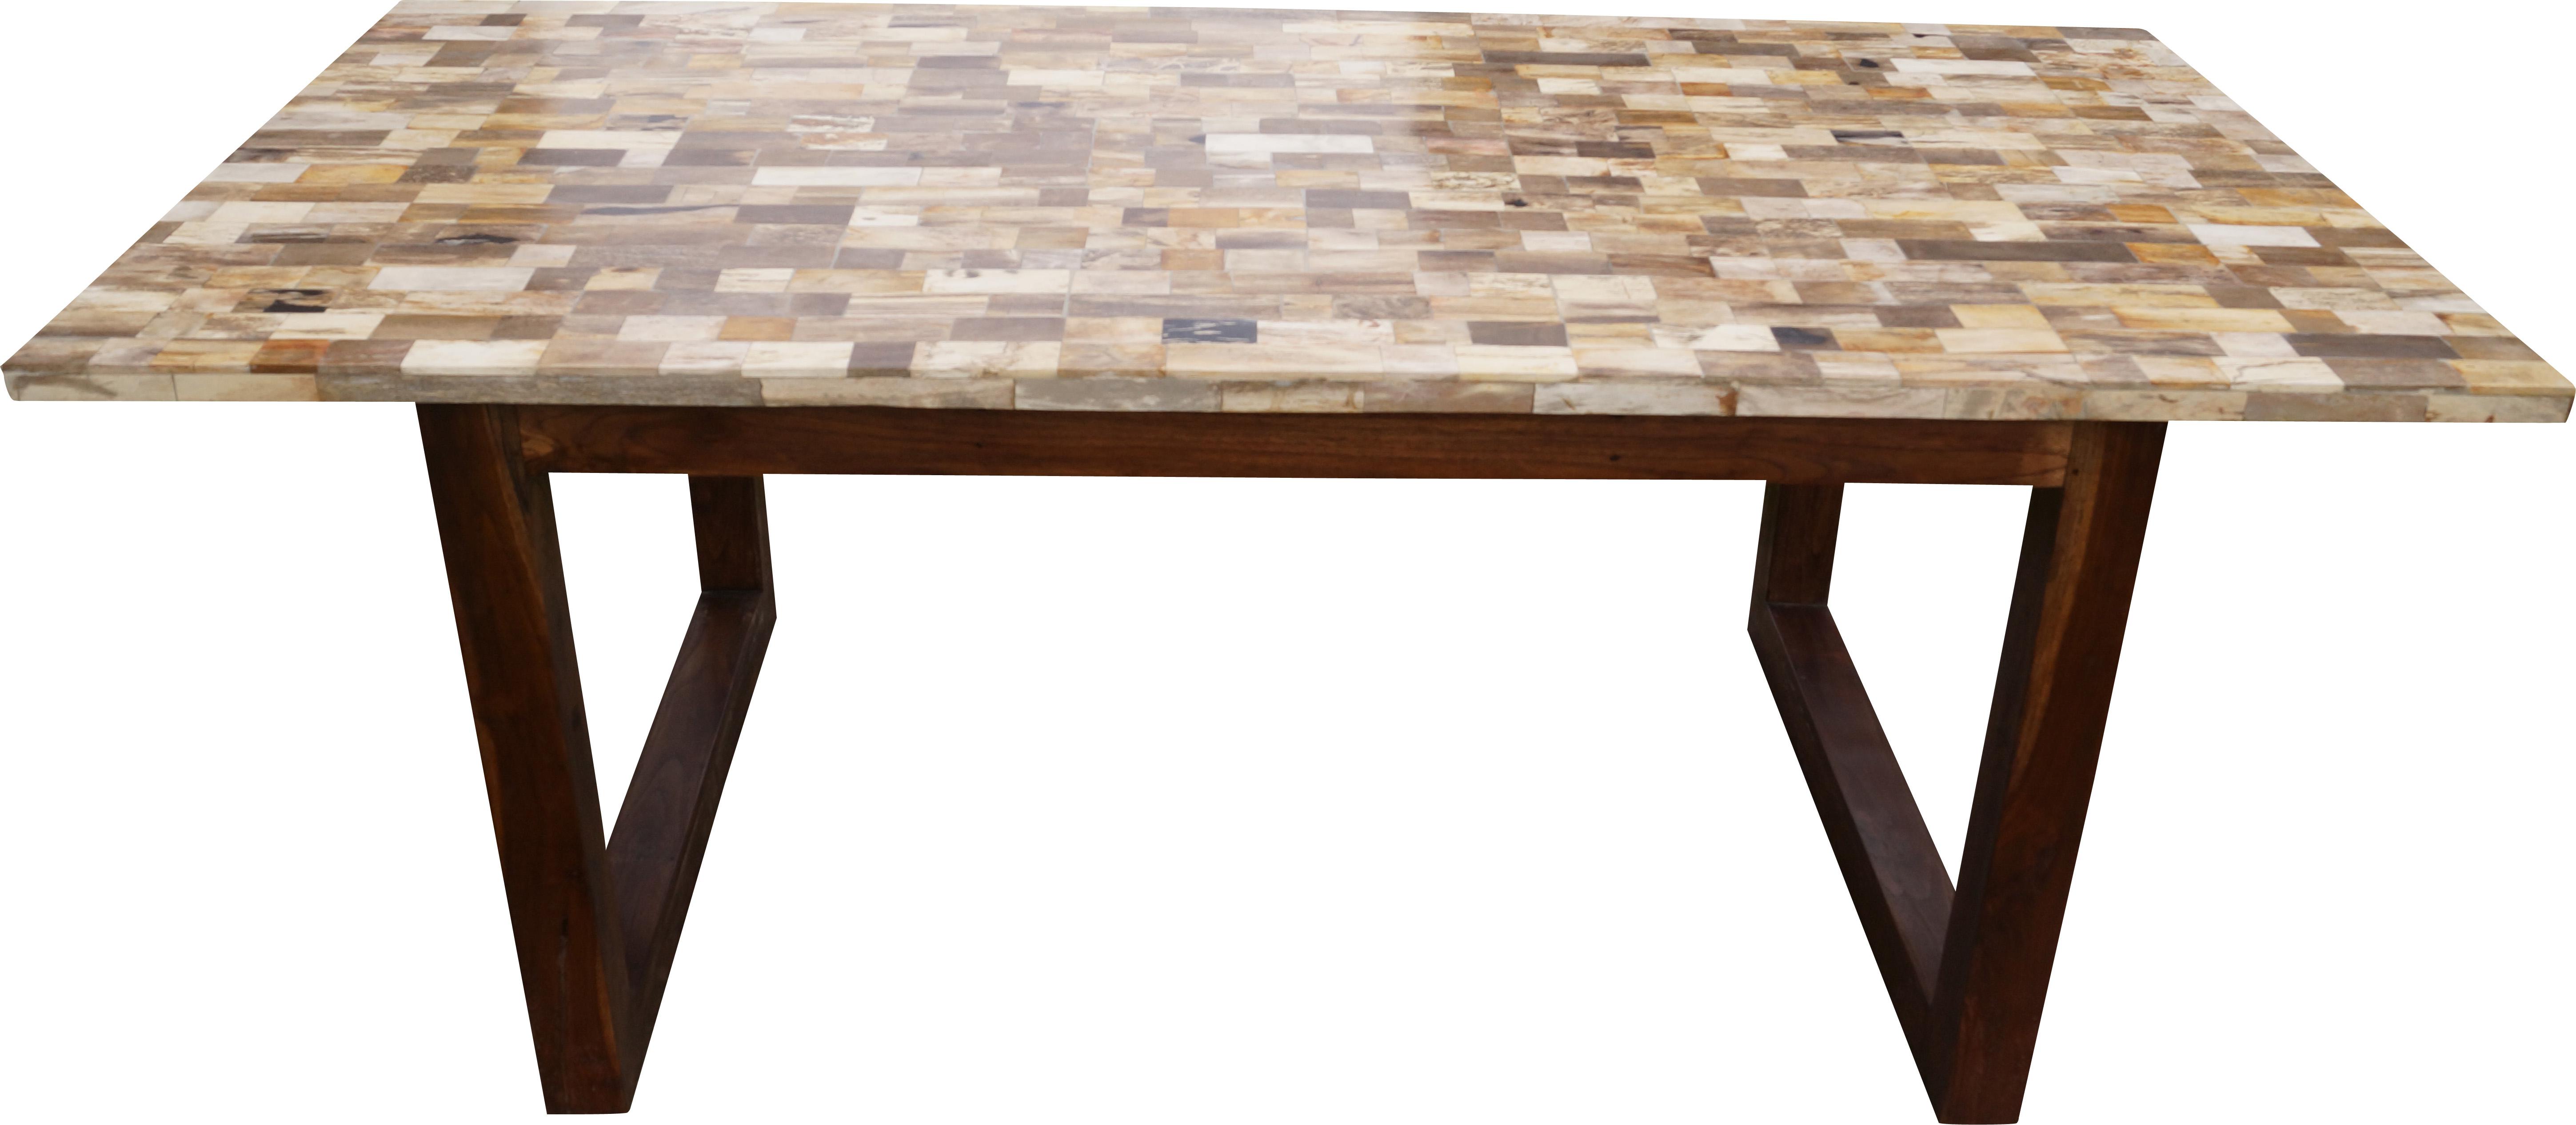 E tisch mit marmorplatte for Esstisch mit marmorplatte